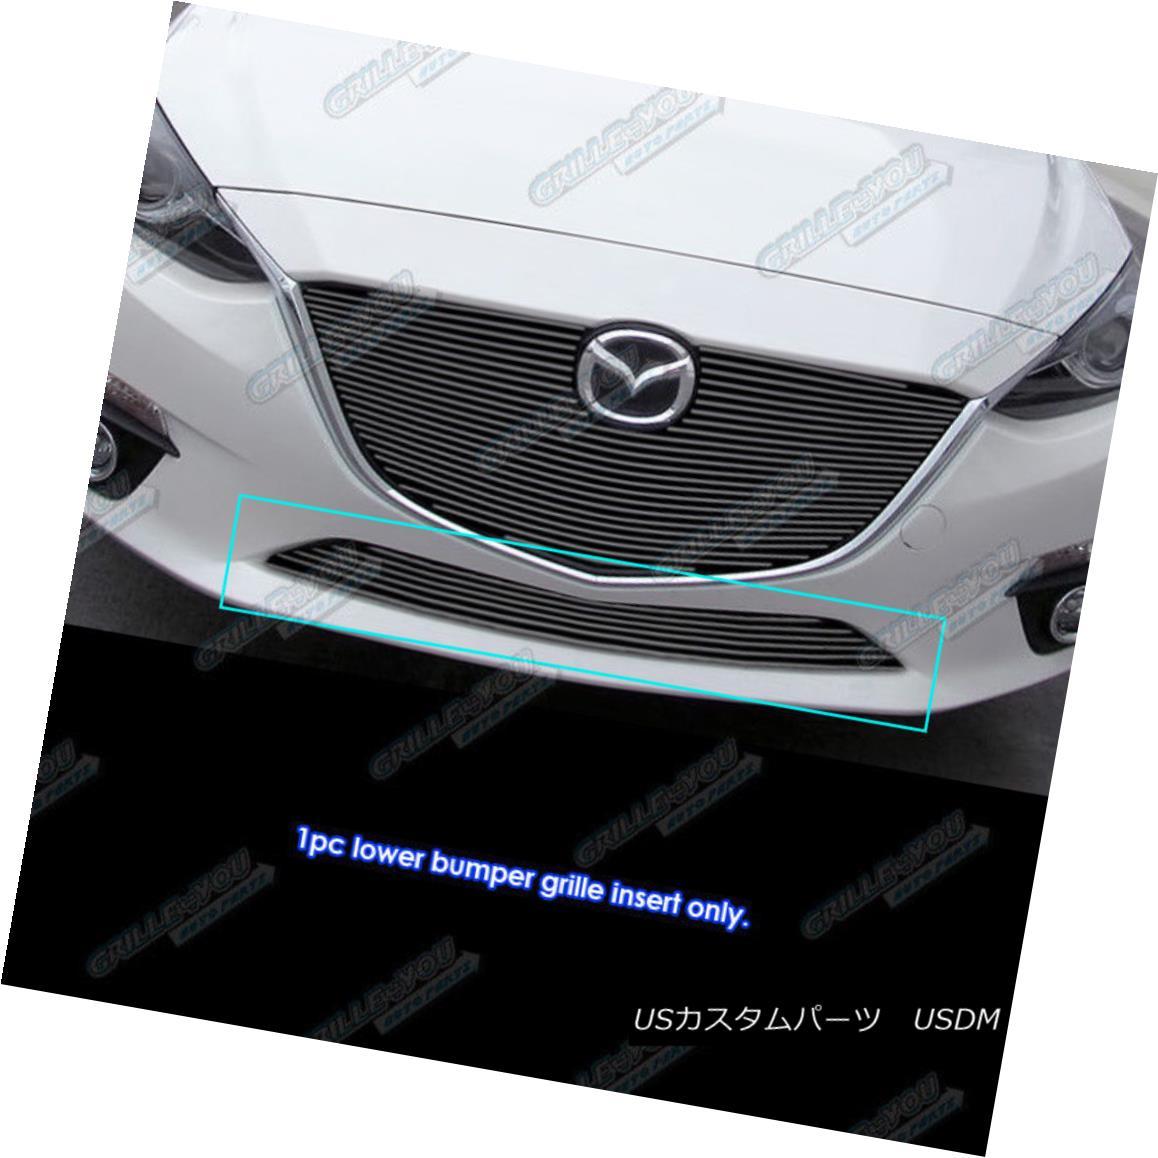 グリル Fits 2014-2016 Mazda 3 Lower Bumper Black Billet Grille Insert フィット2014-2016マツダ3ロワーバンパーブラックビレットグリルインサート